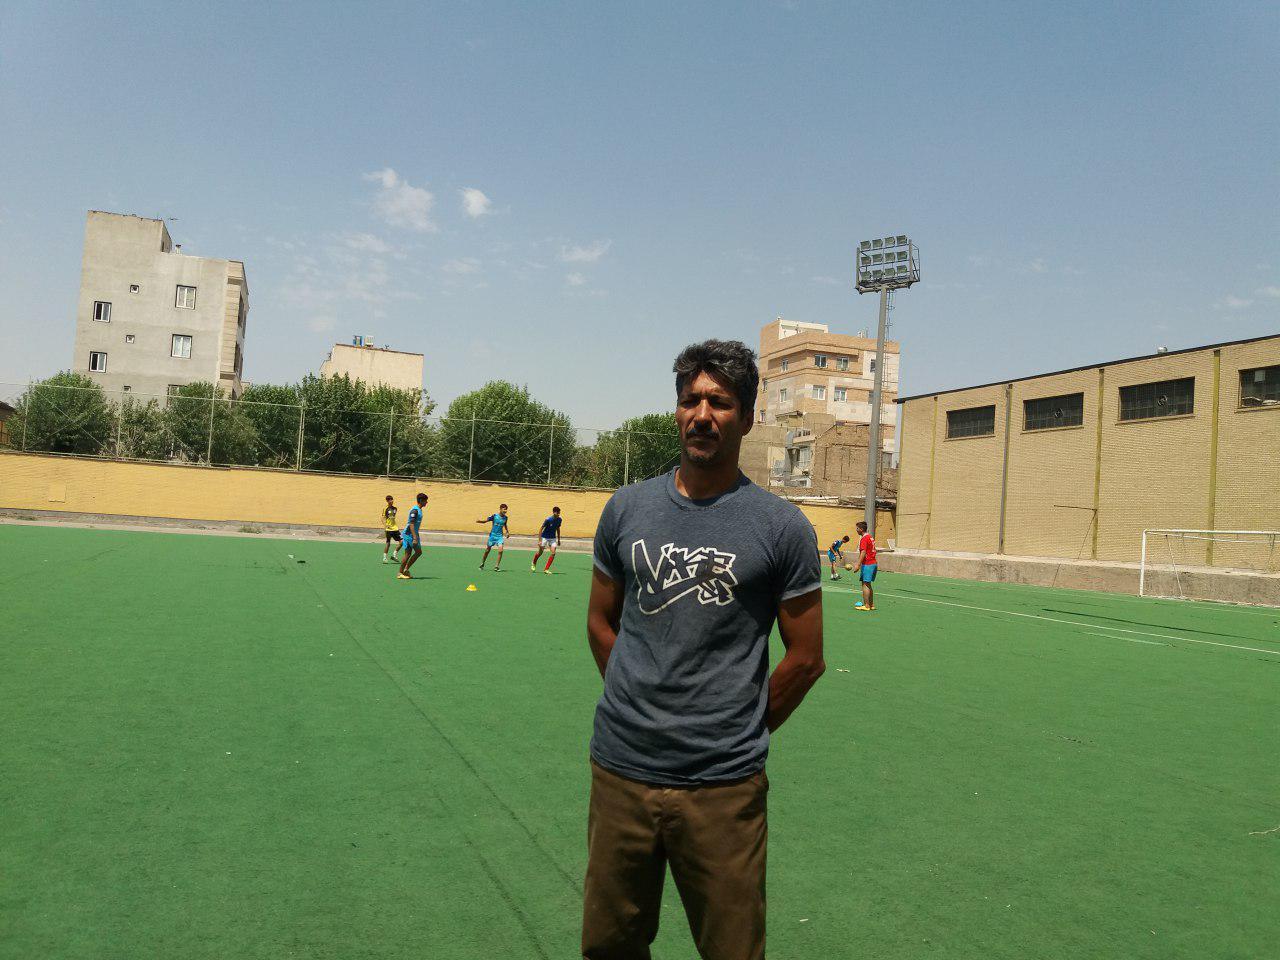 کودکان کار در زمین فوتبال: جنگیدن برای به زندگی